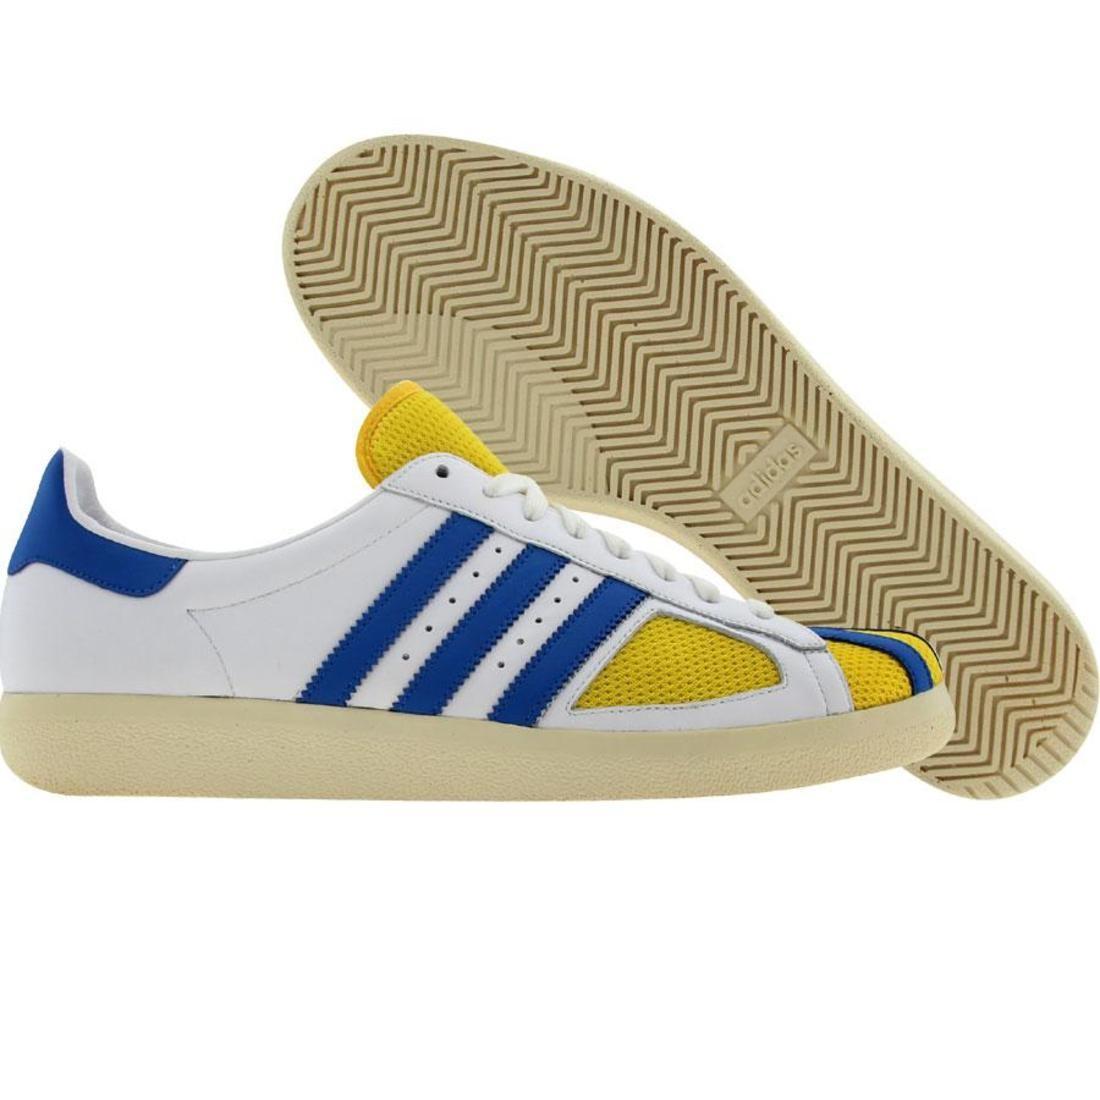 【海外限定】アディダス フォレスト ブルーバード 靴 メンズ靴 【 ADIDAS FOREST HILLS PT WHITE BLUEBIRD SUN 】